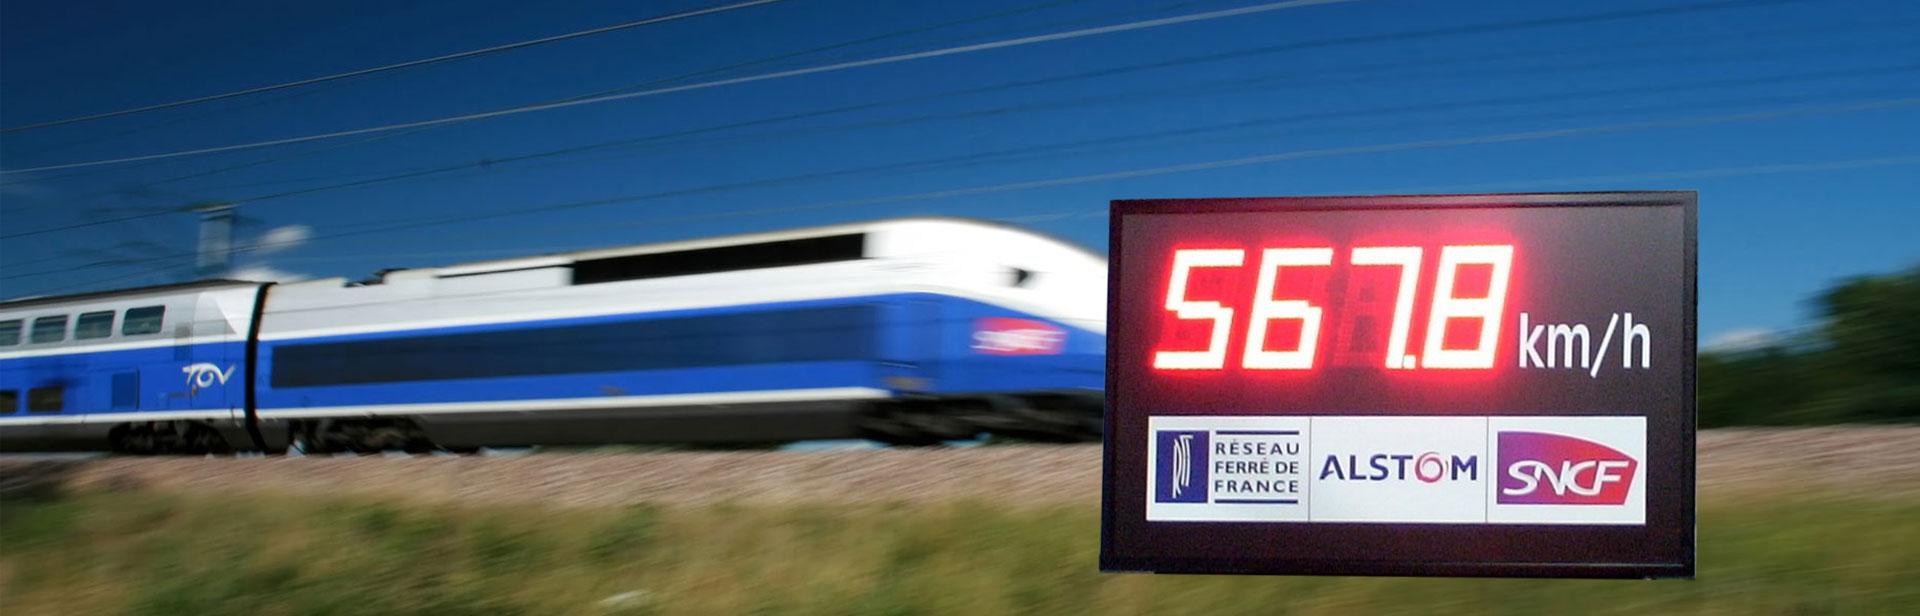 Afficheurs électroniques - affichage du record de vitesse du TGV